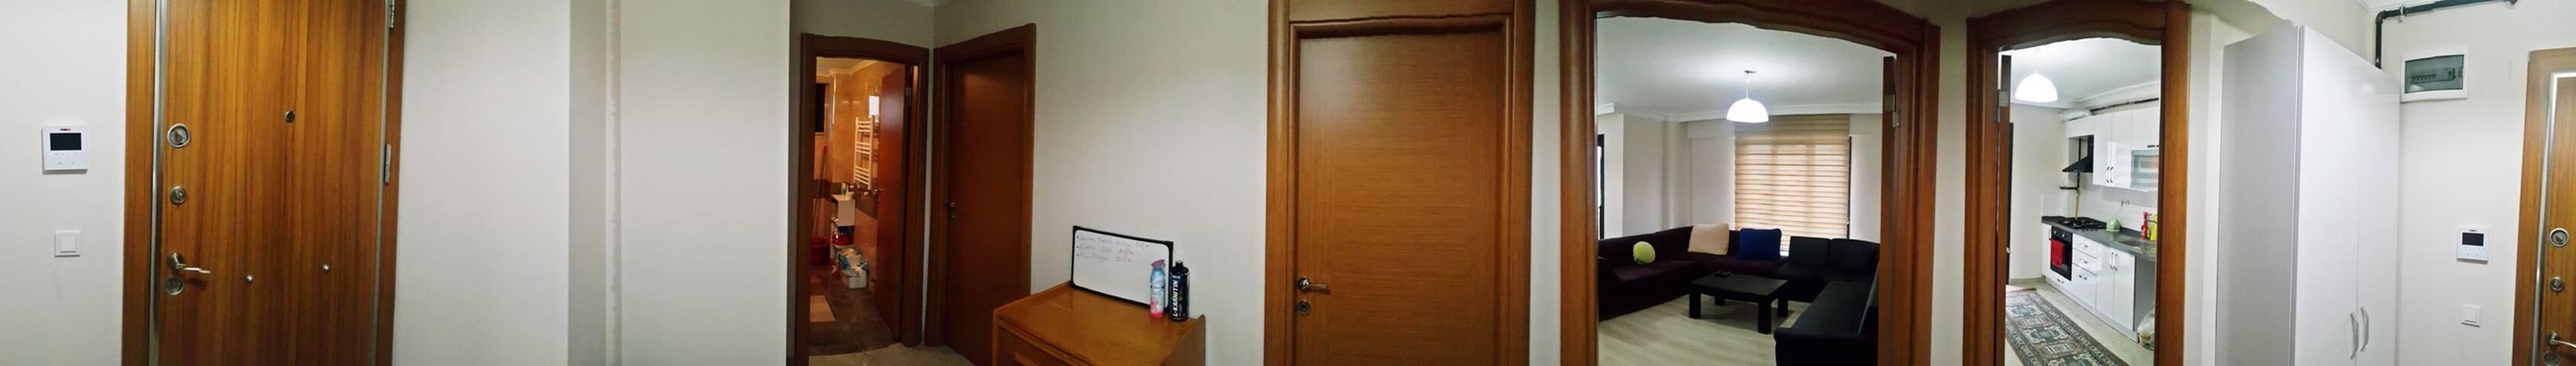 Looking for flatmate in İstanbul in Pendik-Kurtköy